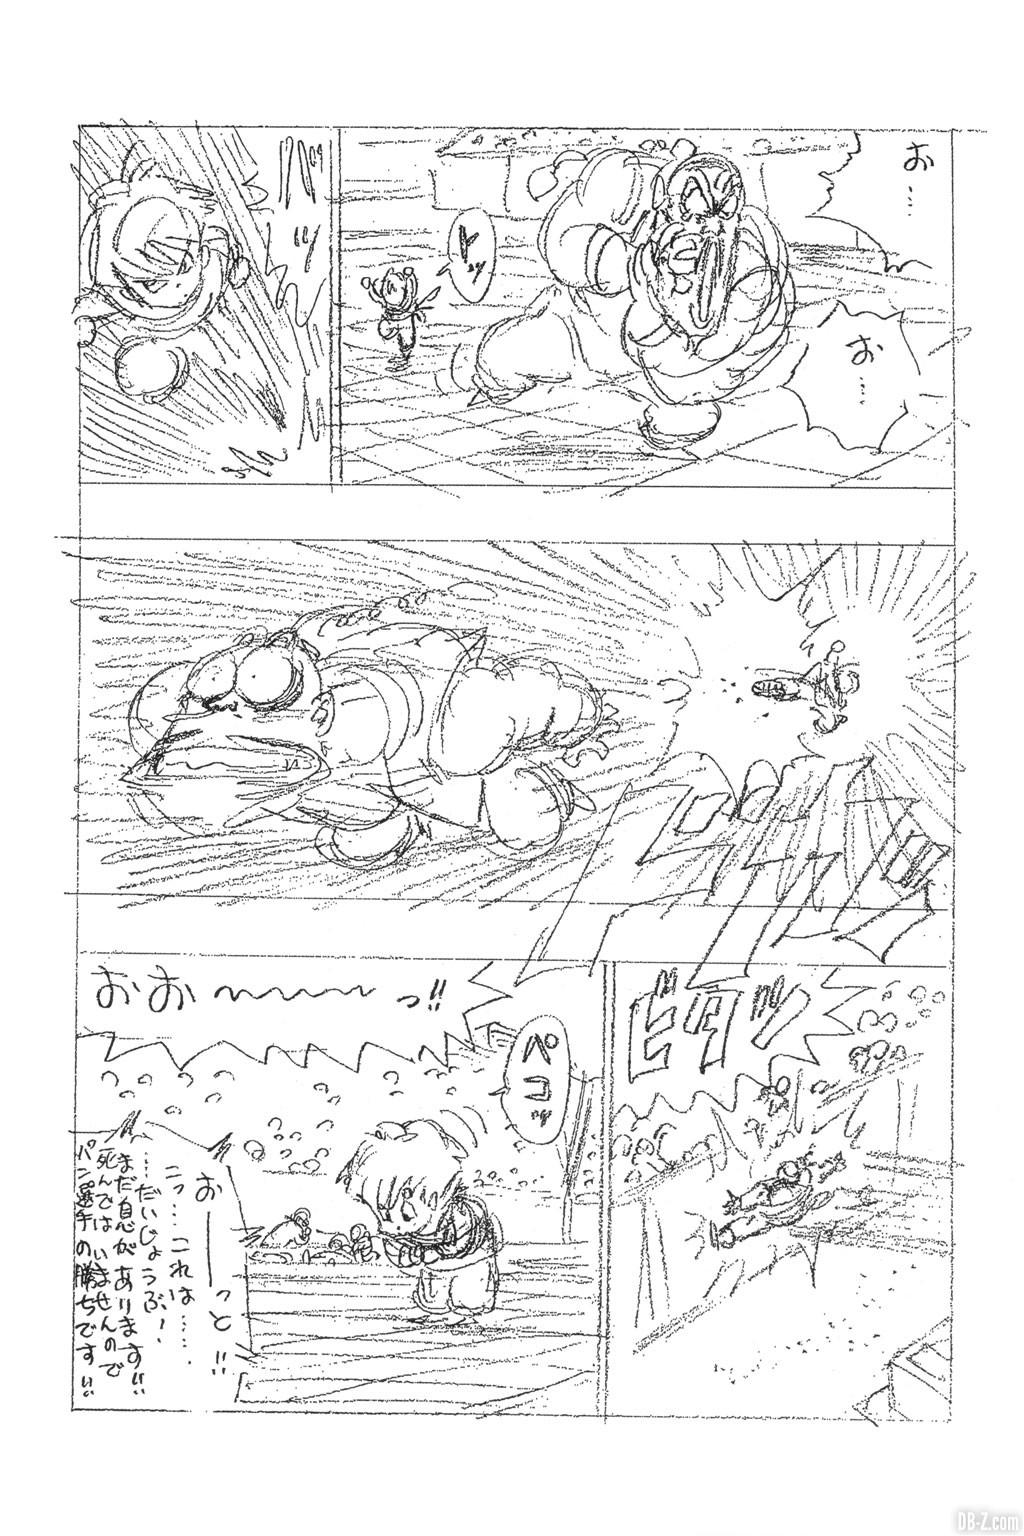 Brouillon Akira Toriyama Dernier Chapitre de Dragon Ball Page 7